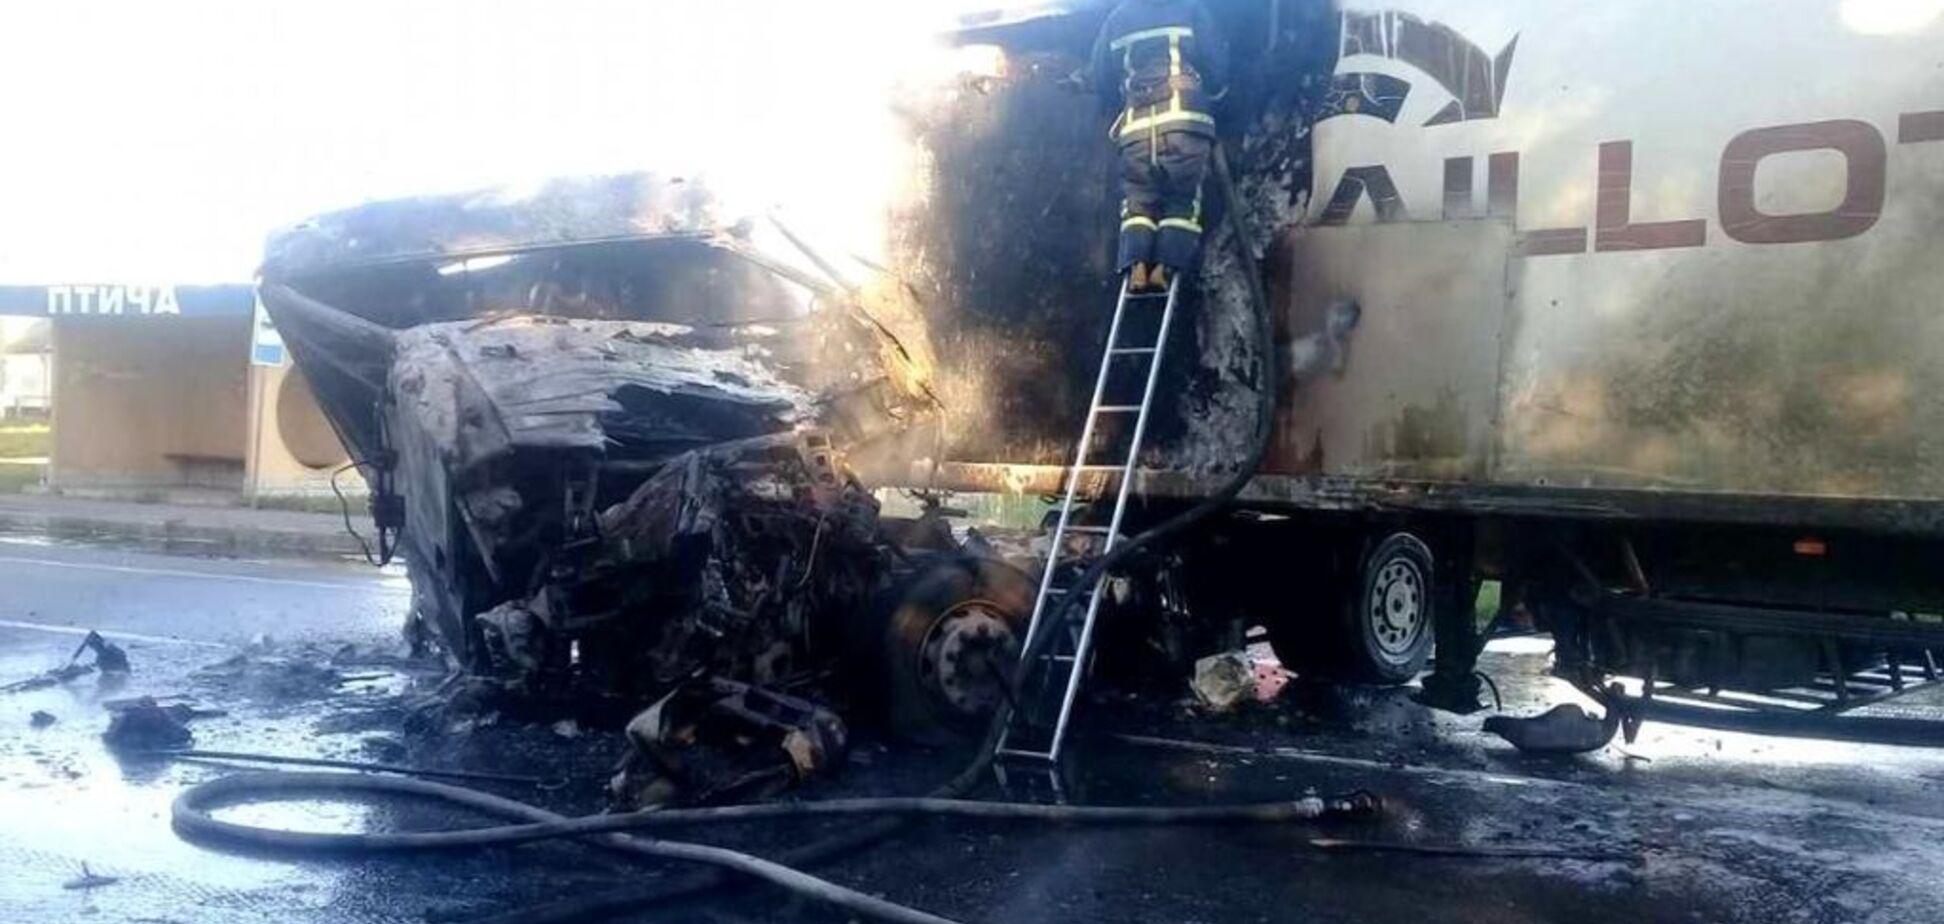 Згорів живцем: під Рівним сталася страшна ДТП з вантажівкою. З'явилися фото і відео